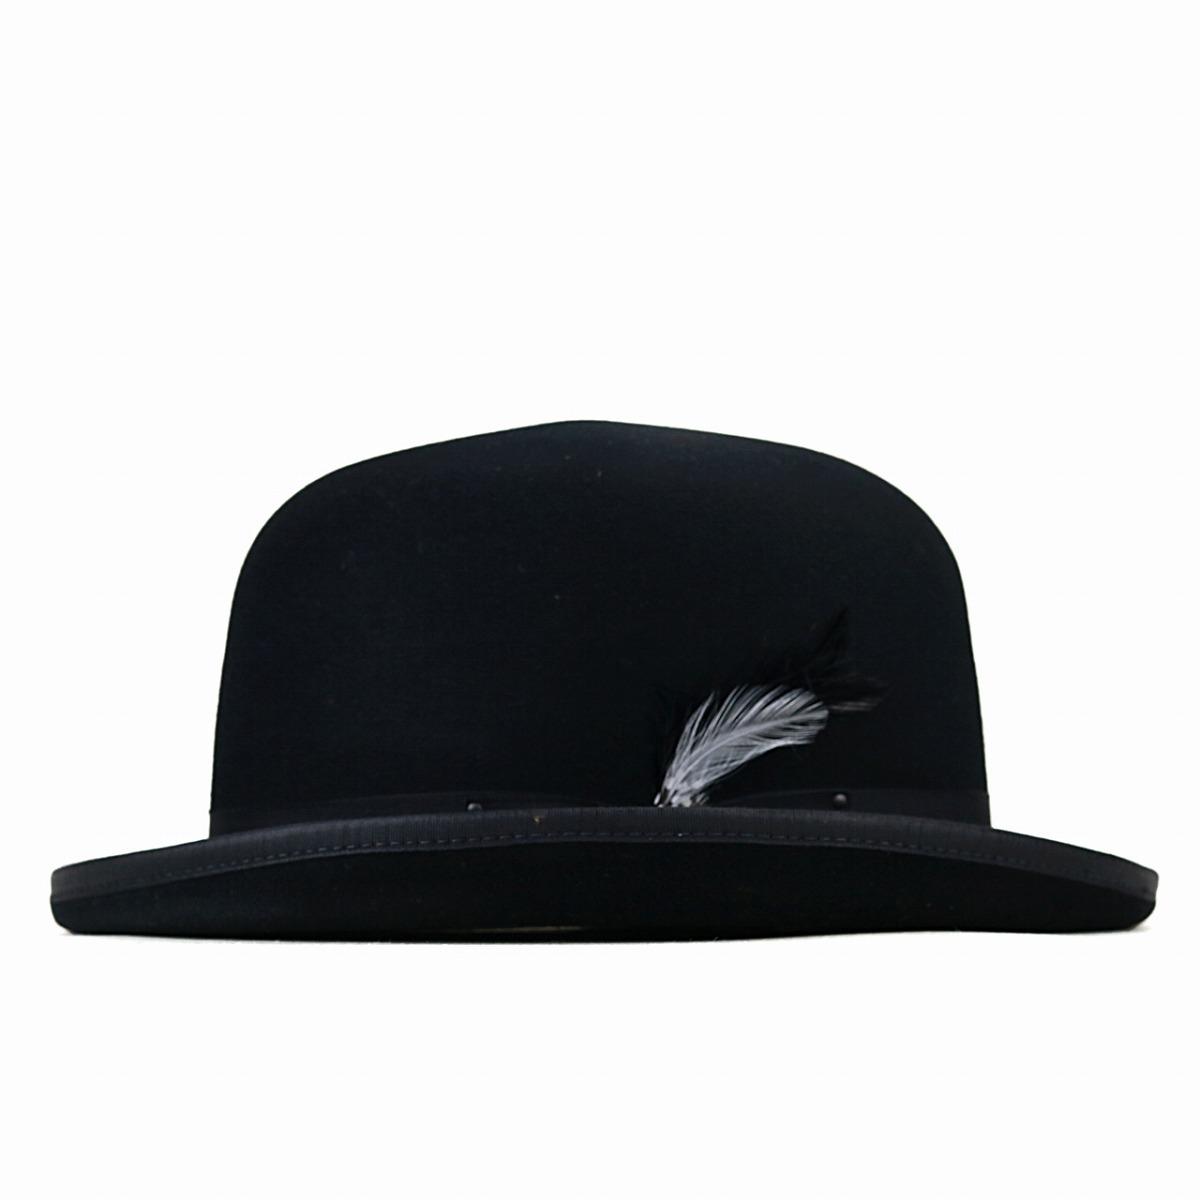 78d787a5 ELEHELM HAT STORE: The trilby hat gentleman M L XL import brand ...